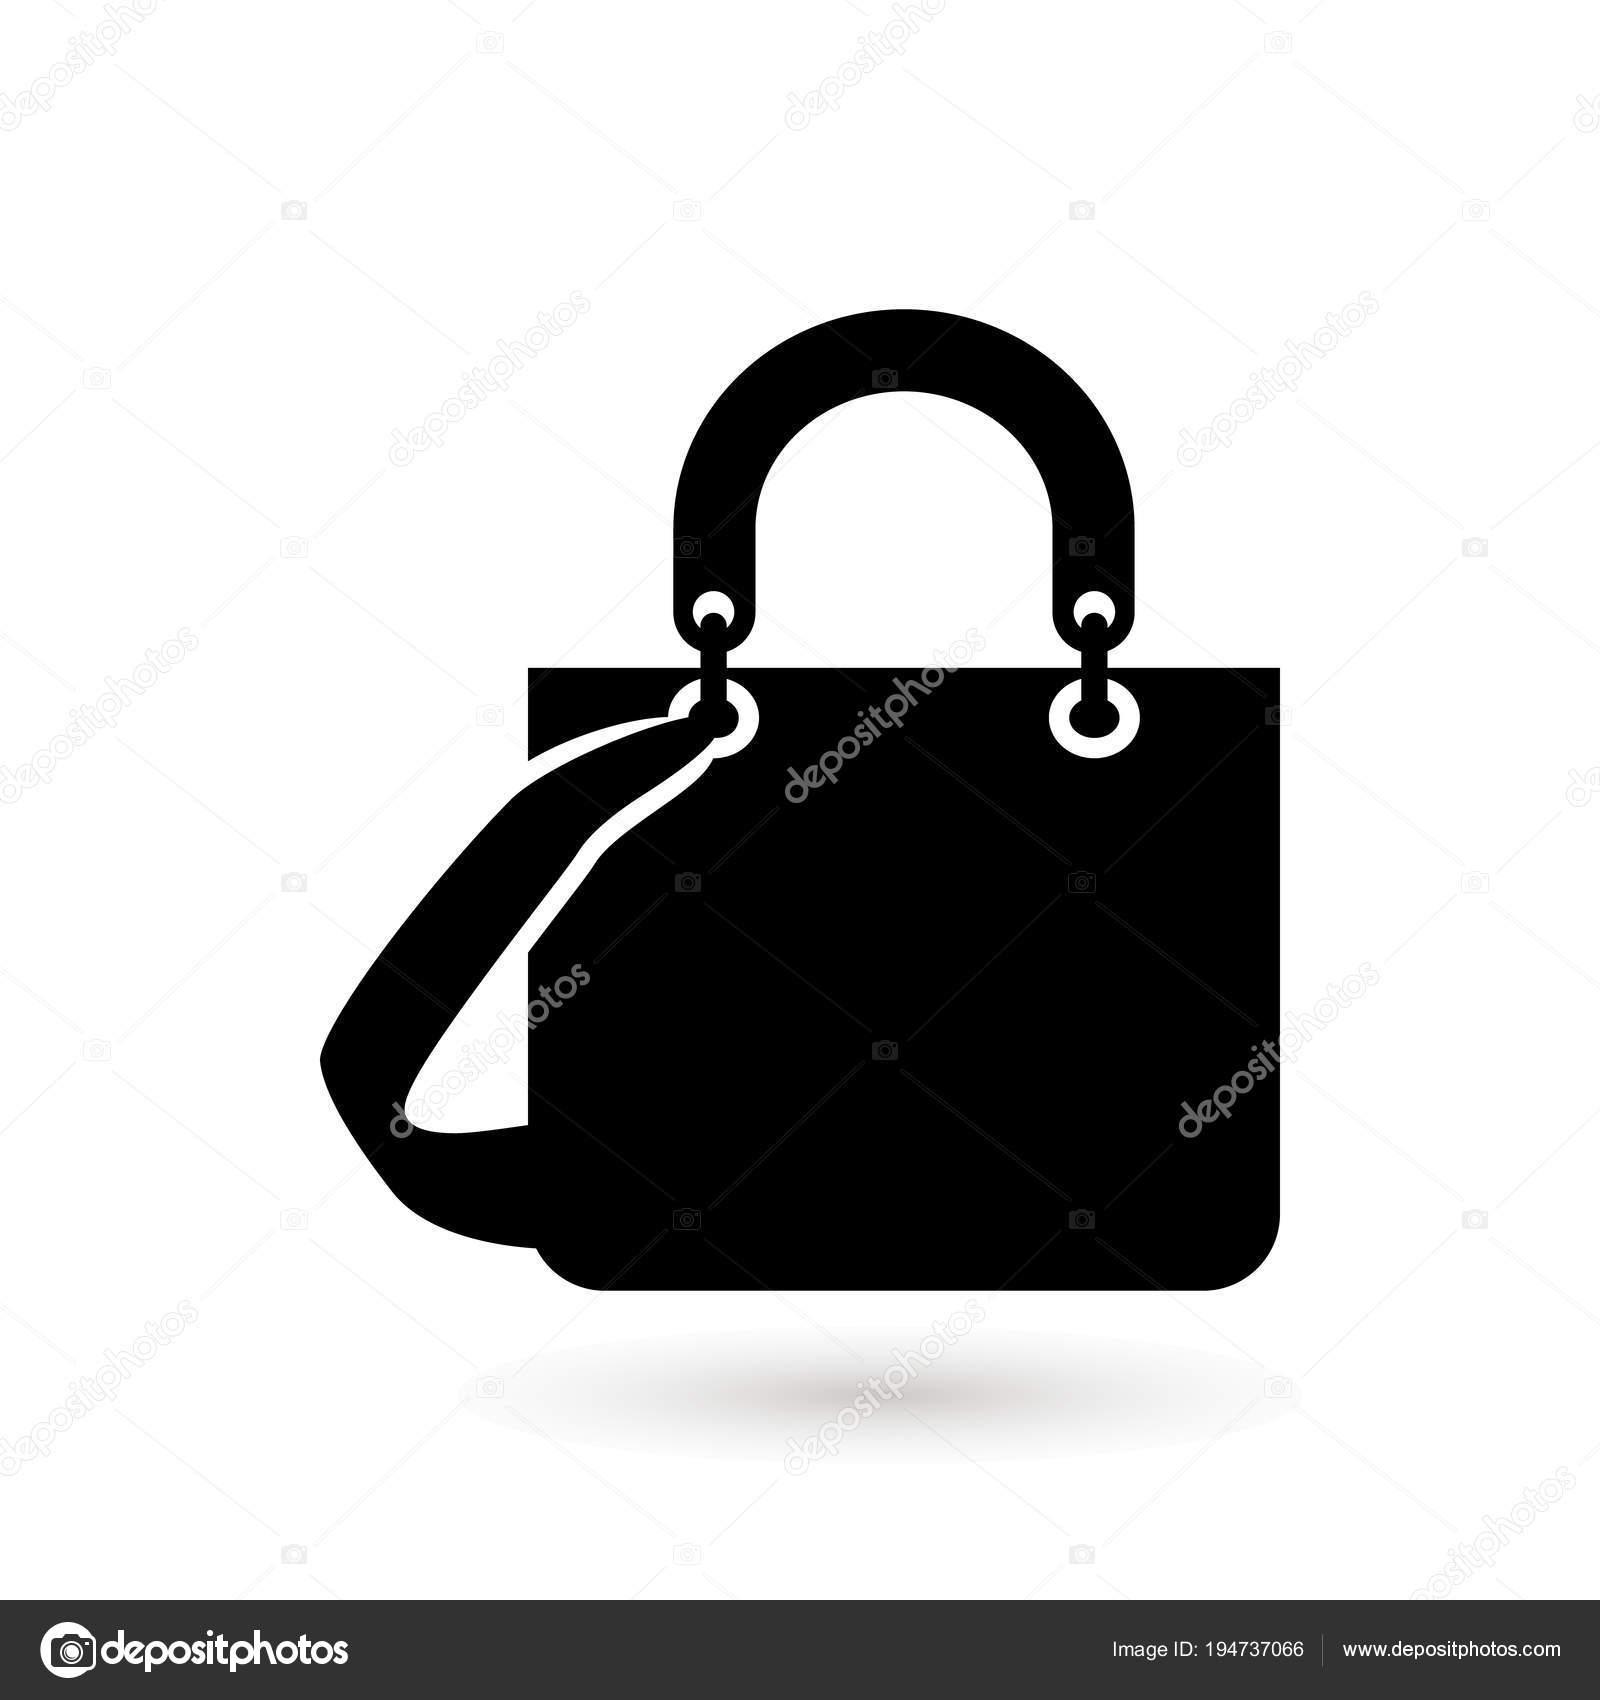 07c2490182 Logo de sommaires sac femme. Sacs Boutique logo. Boutique de sac à main.  Illustration vectorielle en isolé sur fond blanc. Mode et accessoires  concept ...